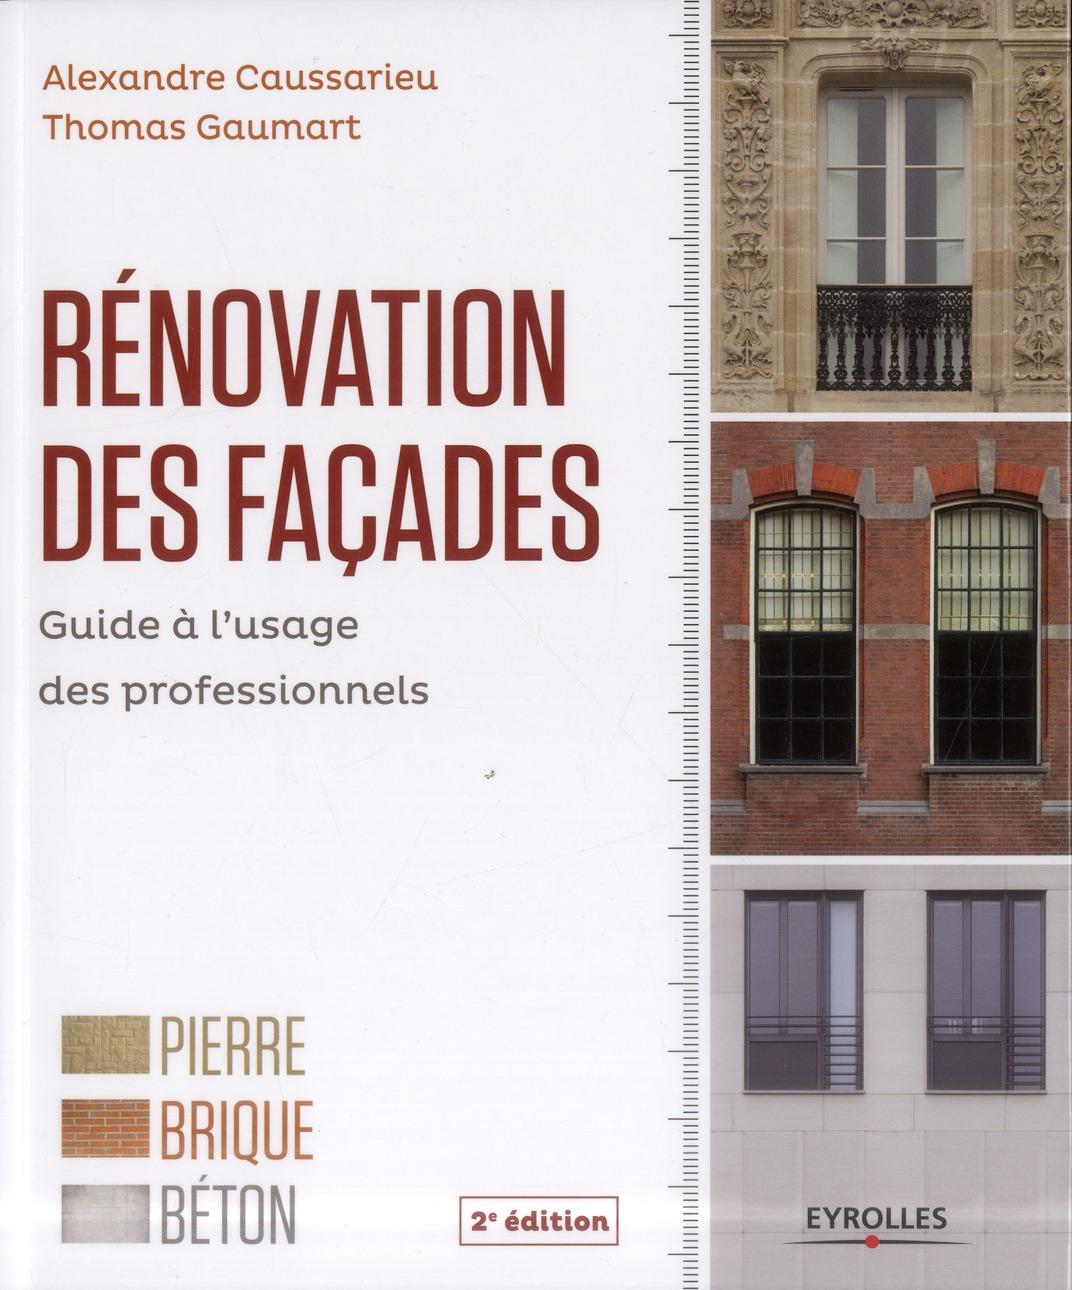 RENOVATION DES FACADES GUIDE A L'USAGE DES PROFESSIONNELS - PIERRE, BRIQUE, BETON CAUSSARIEU/GAUMART Eyrolles